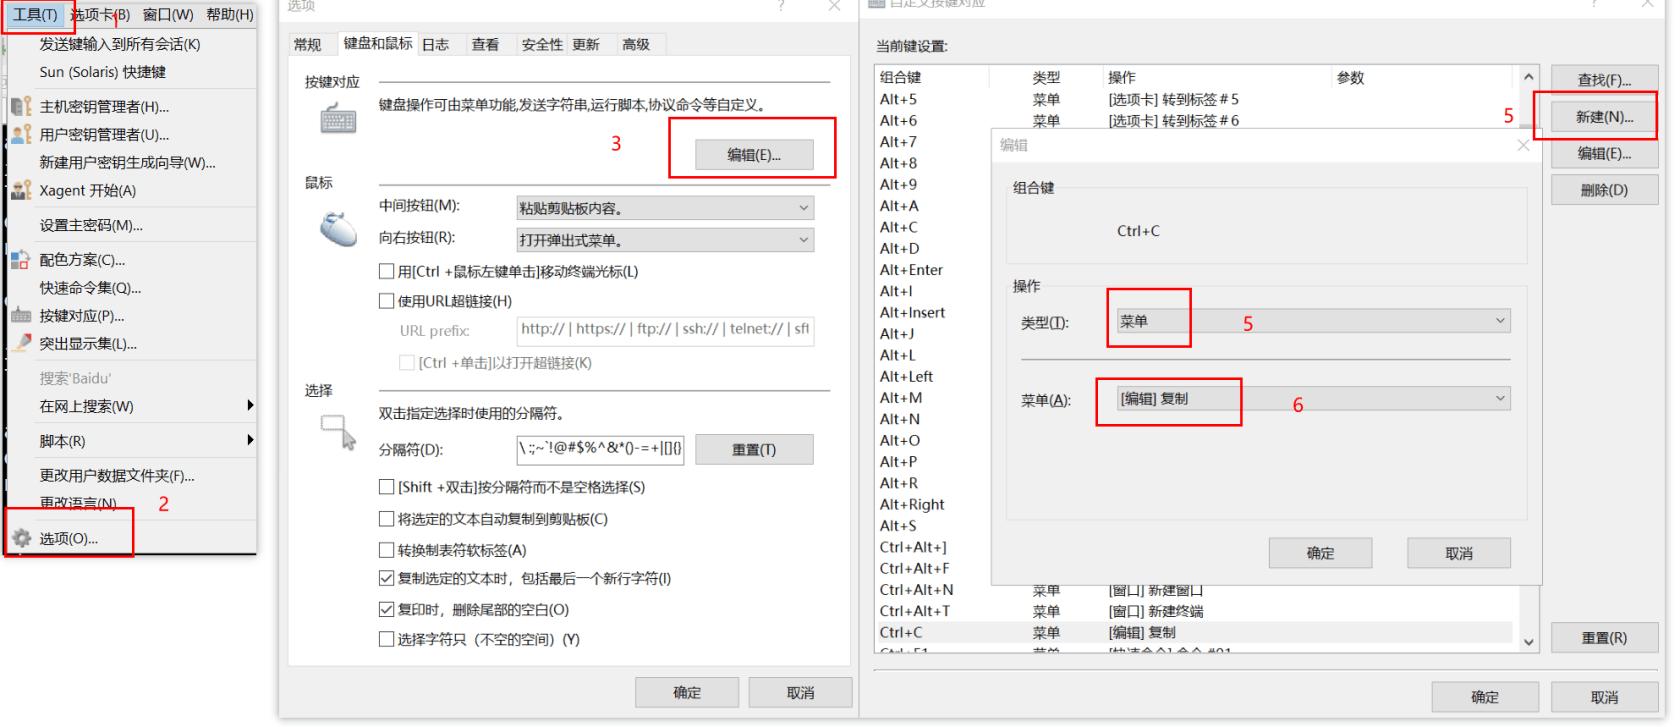 xshell 複製、貼上、快捷鍵修改 & 中斷目前命令配置